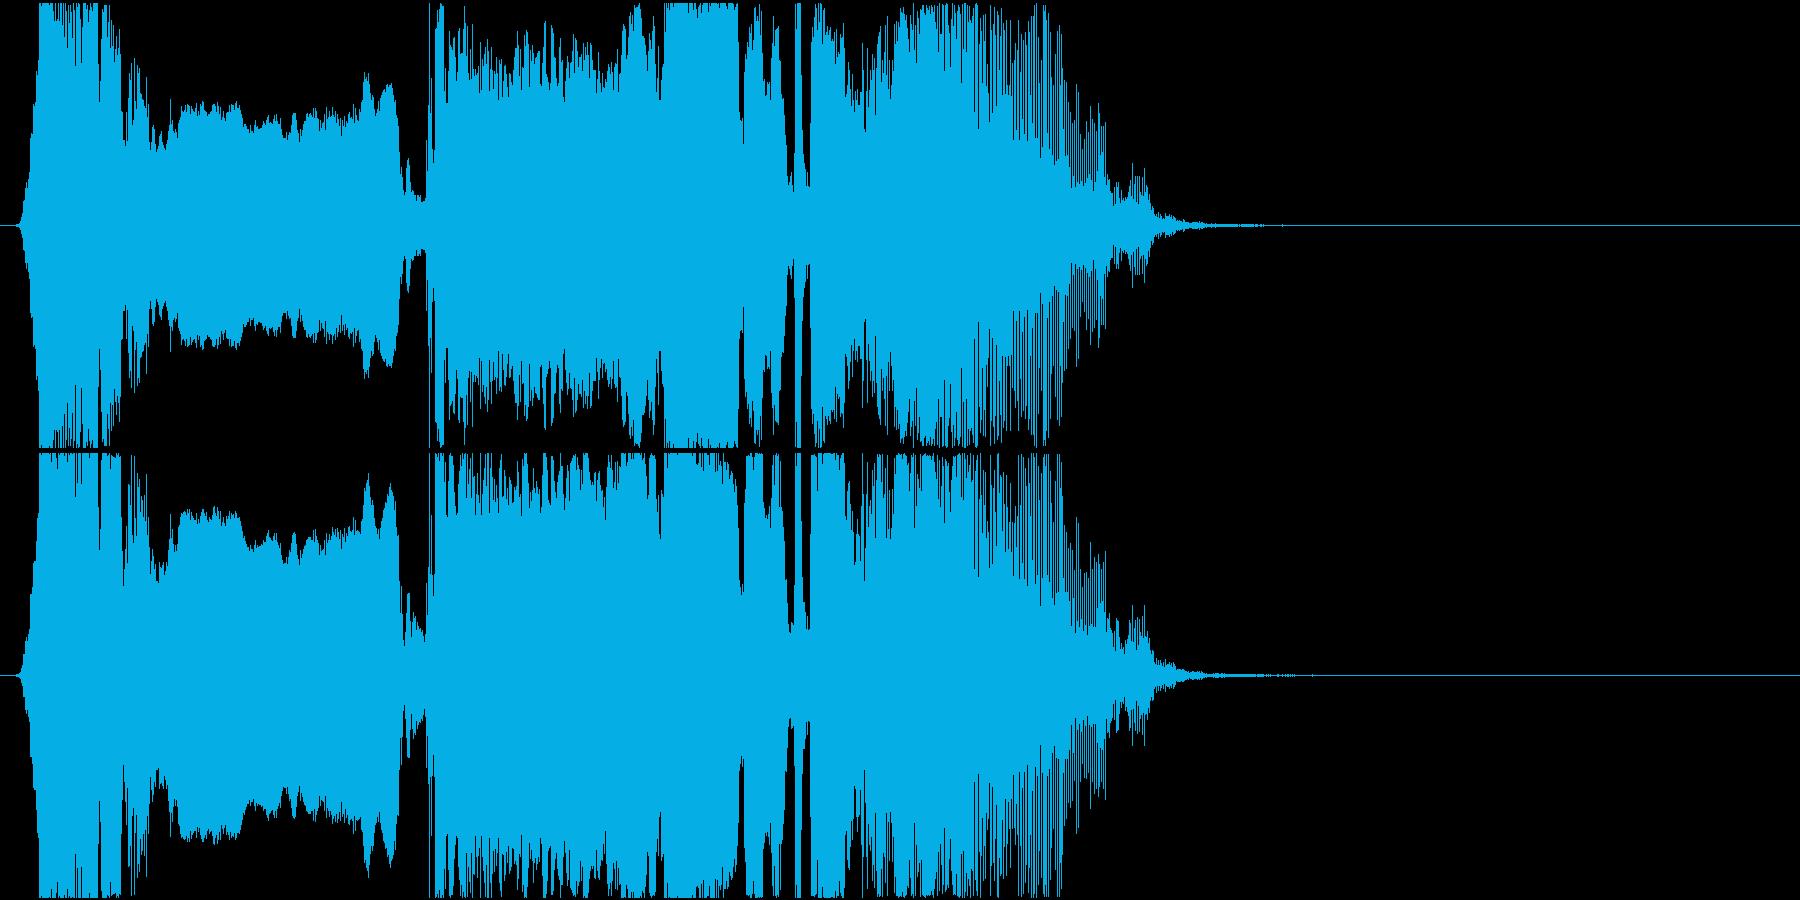 「スーパーショータイム!」ゲームアプリ用の再生済みの波形